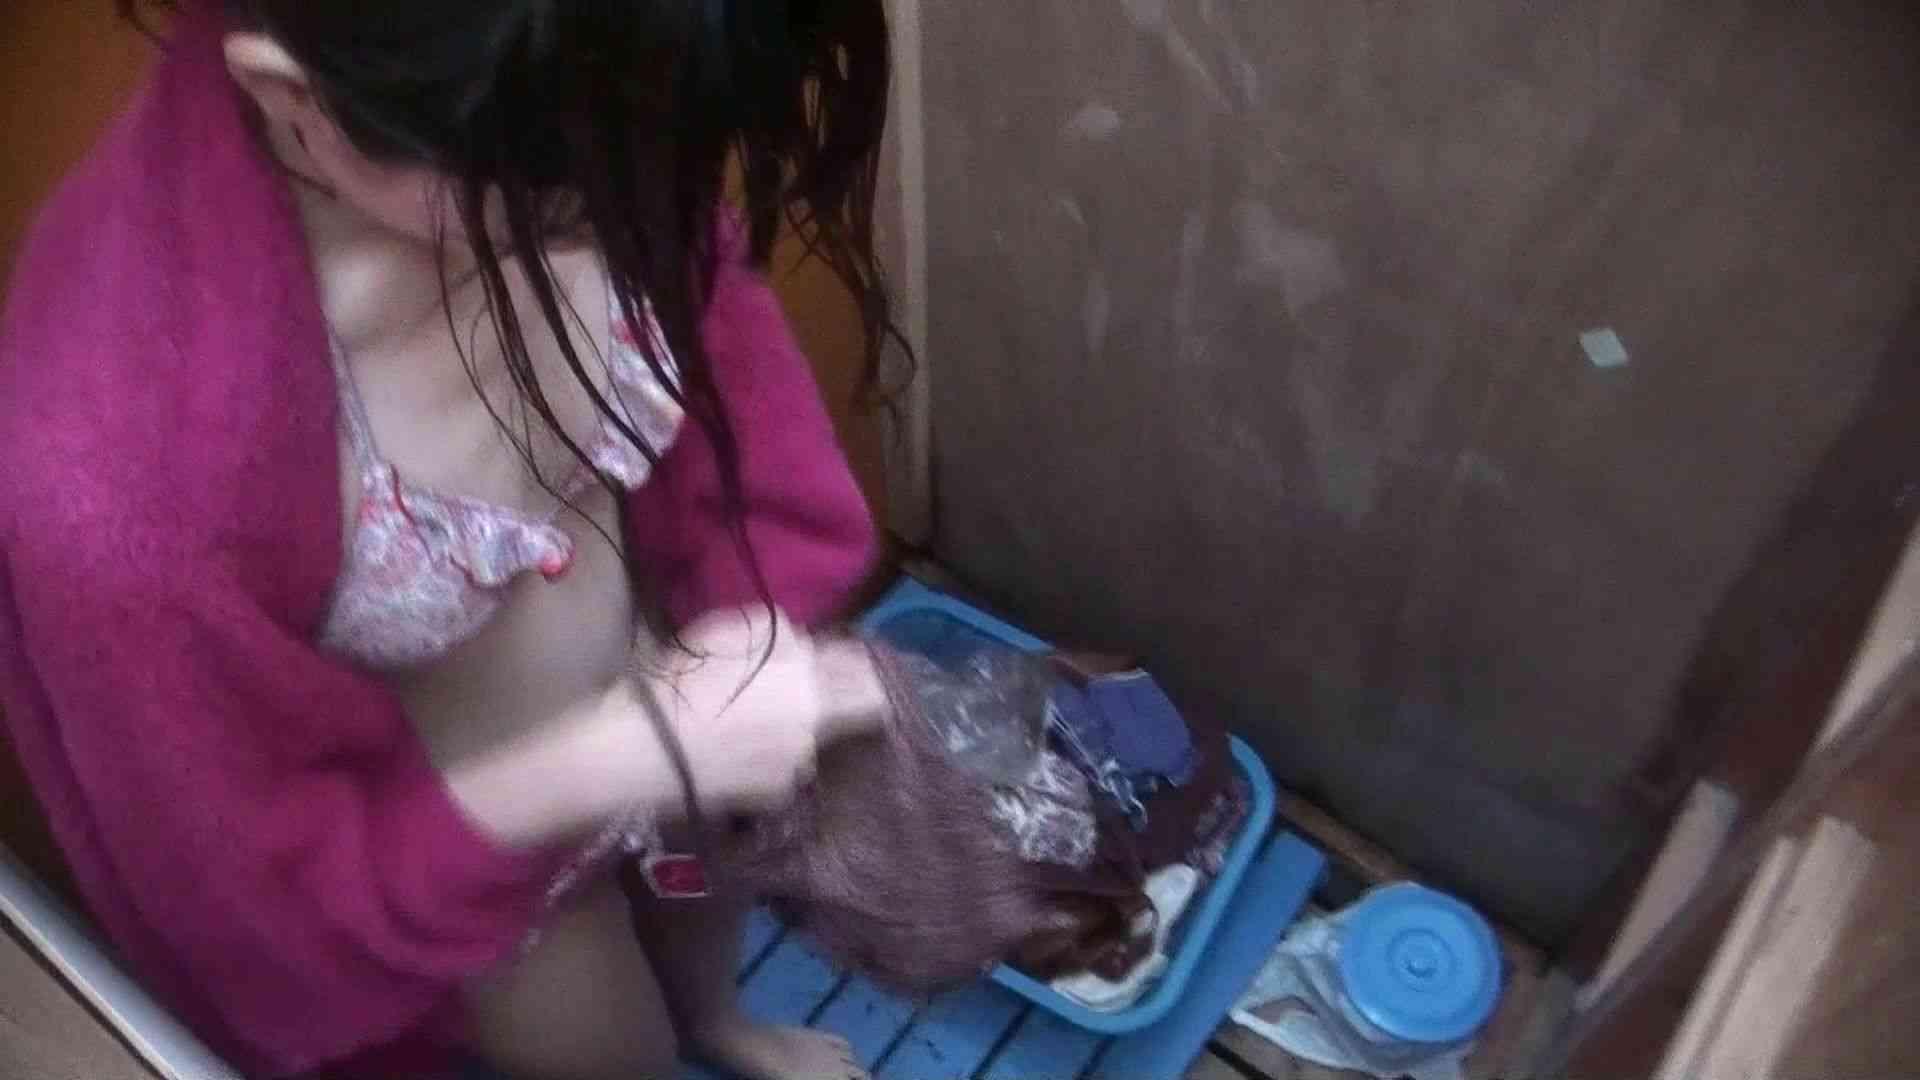 シャワールームは超!!危険な香りVol.29 こっちを向いて欲しい貧乳姉さん 高画質 | シャワー  78pic 1